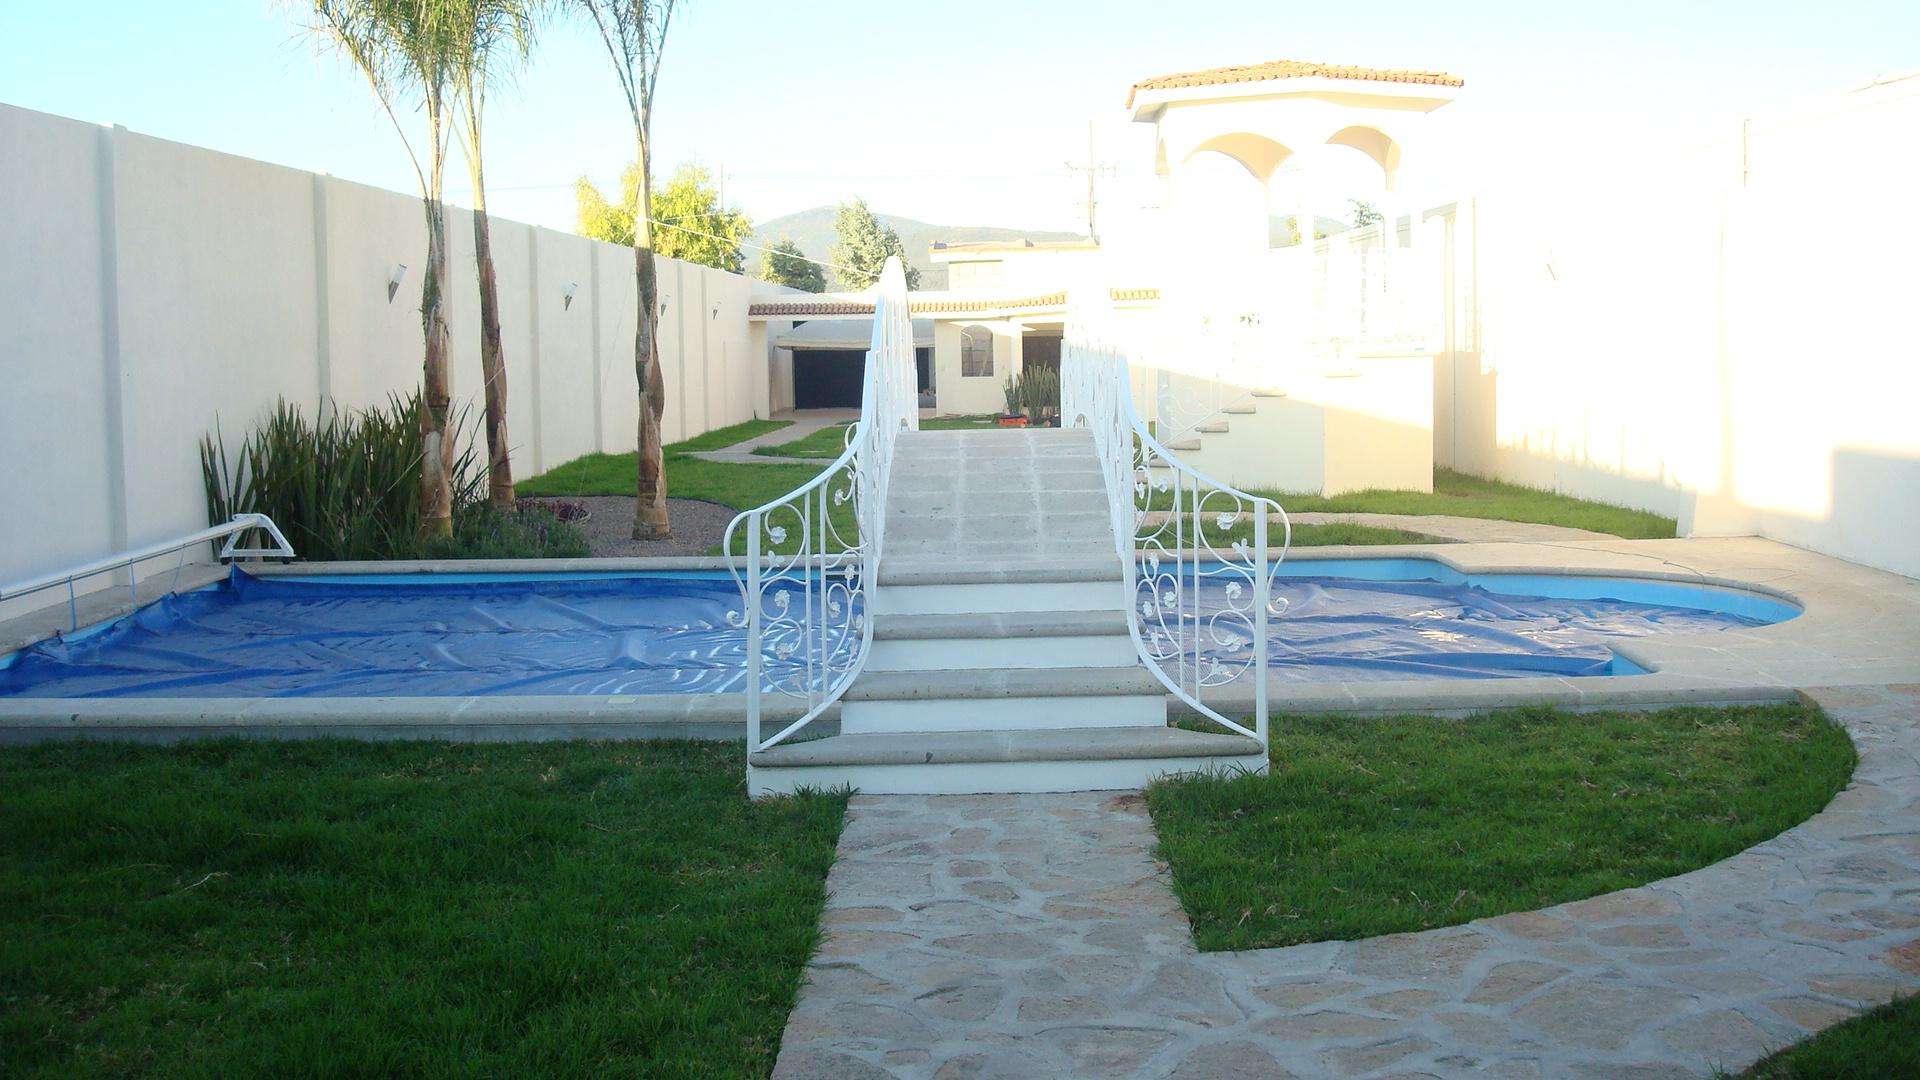 Albercas de fibra albercas y servicios del sol for Medidas de una piscina para una casa